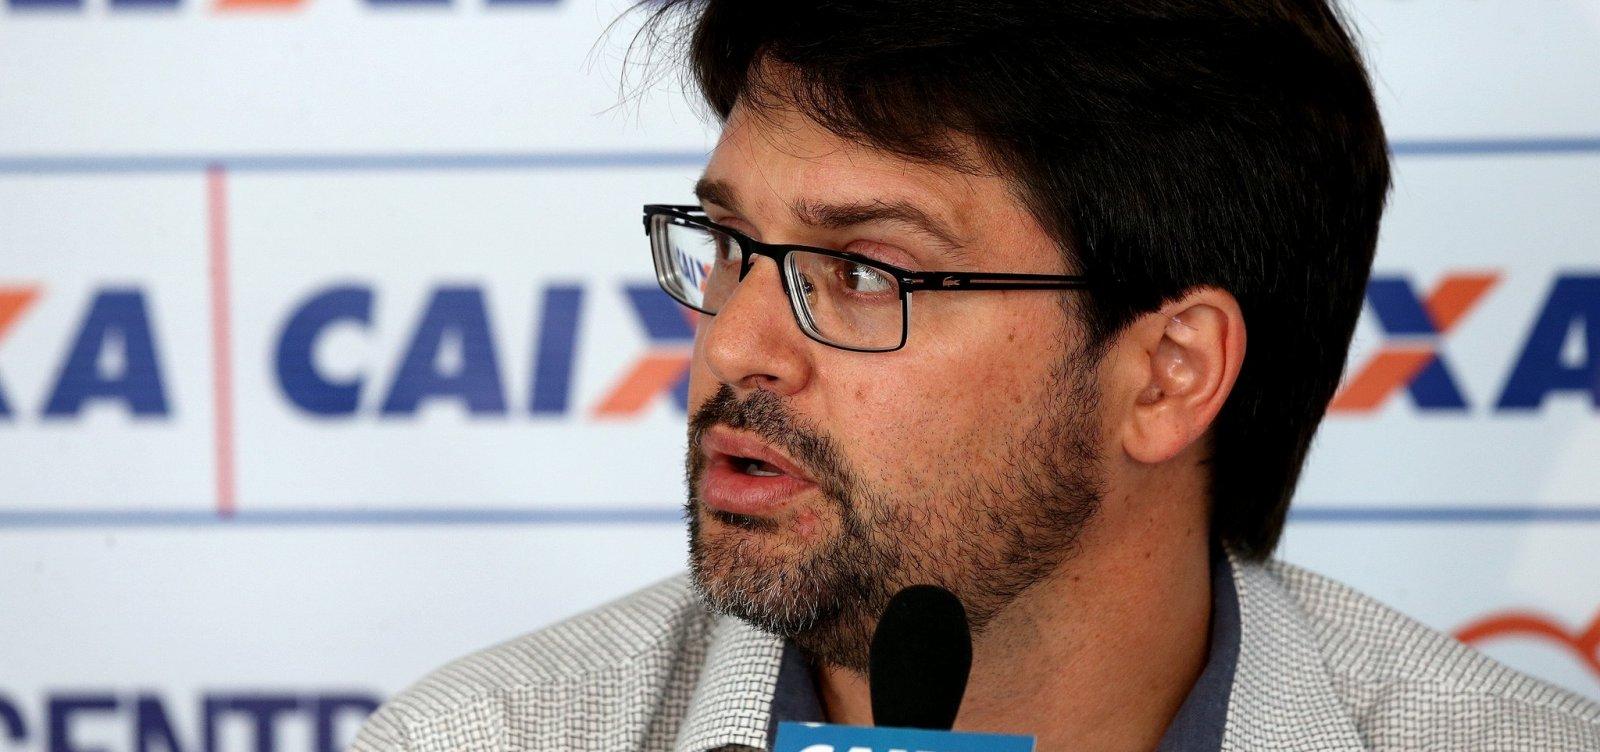 Presidente do Bahia critica arbitragem de jogo contra o Santos: 'Merdinhas'